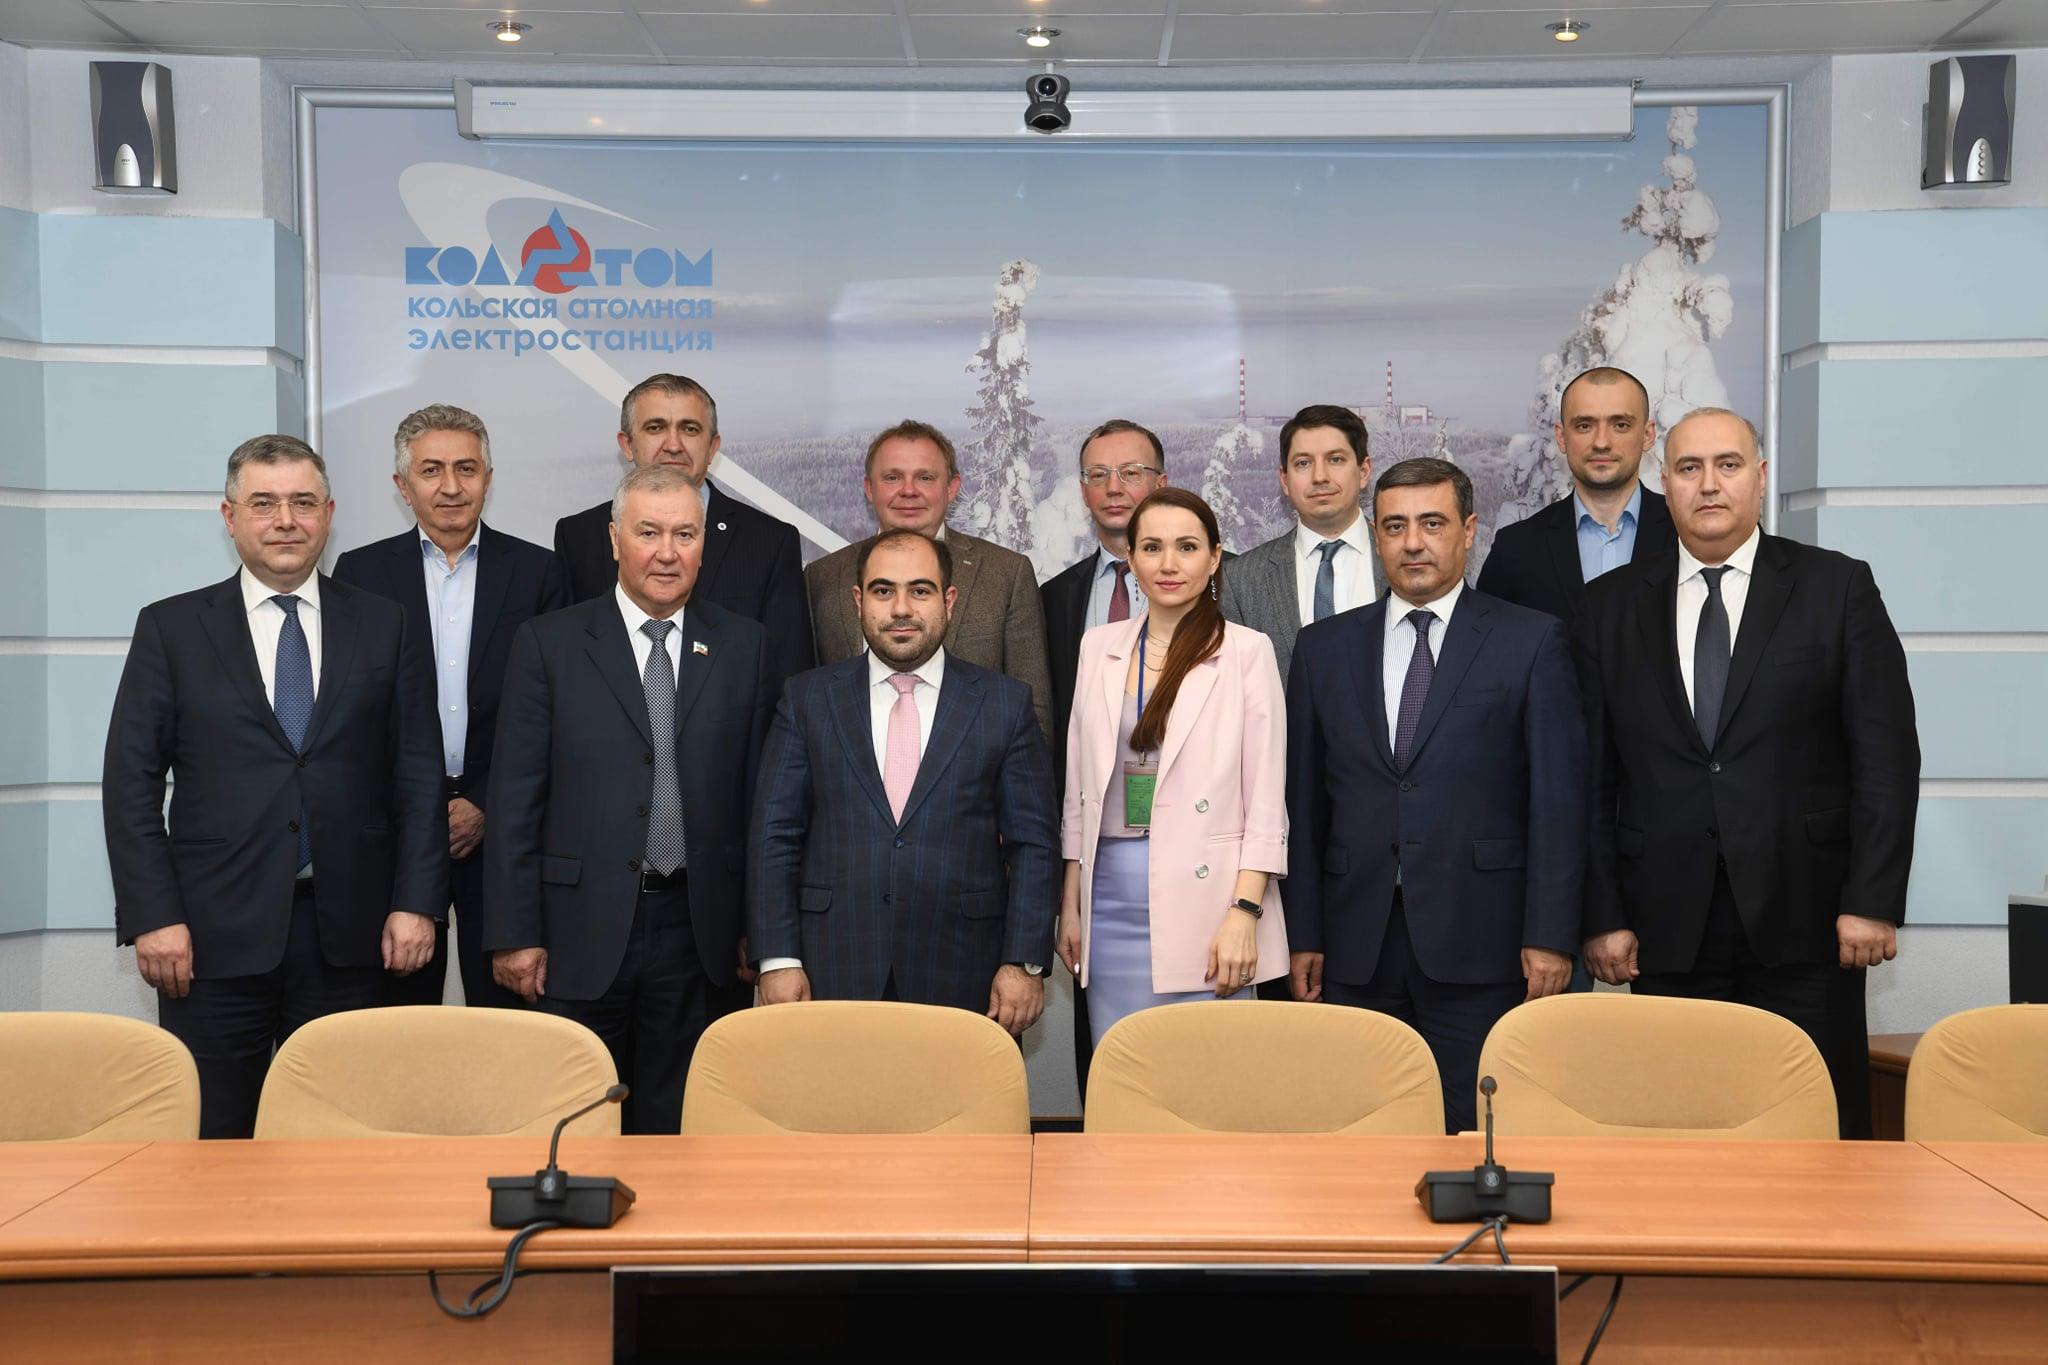 Photo of Հայաստանի պատվիրակությունն այցելեց Կոլայի ԱԷԿ ՝ ուսումնասիրելու կայանների շահագործման ժամկետը կրկնակի երկարաձգման փորձը